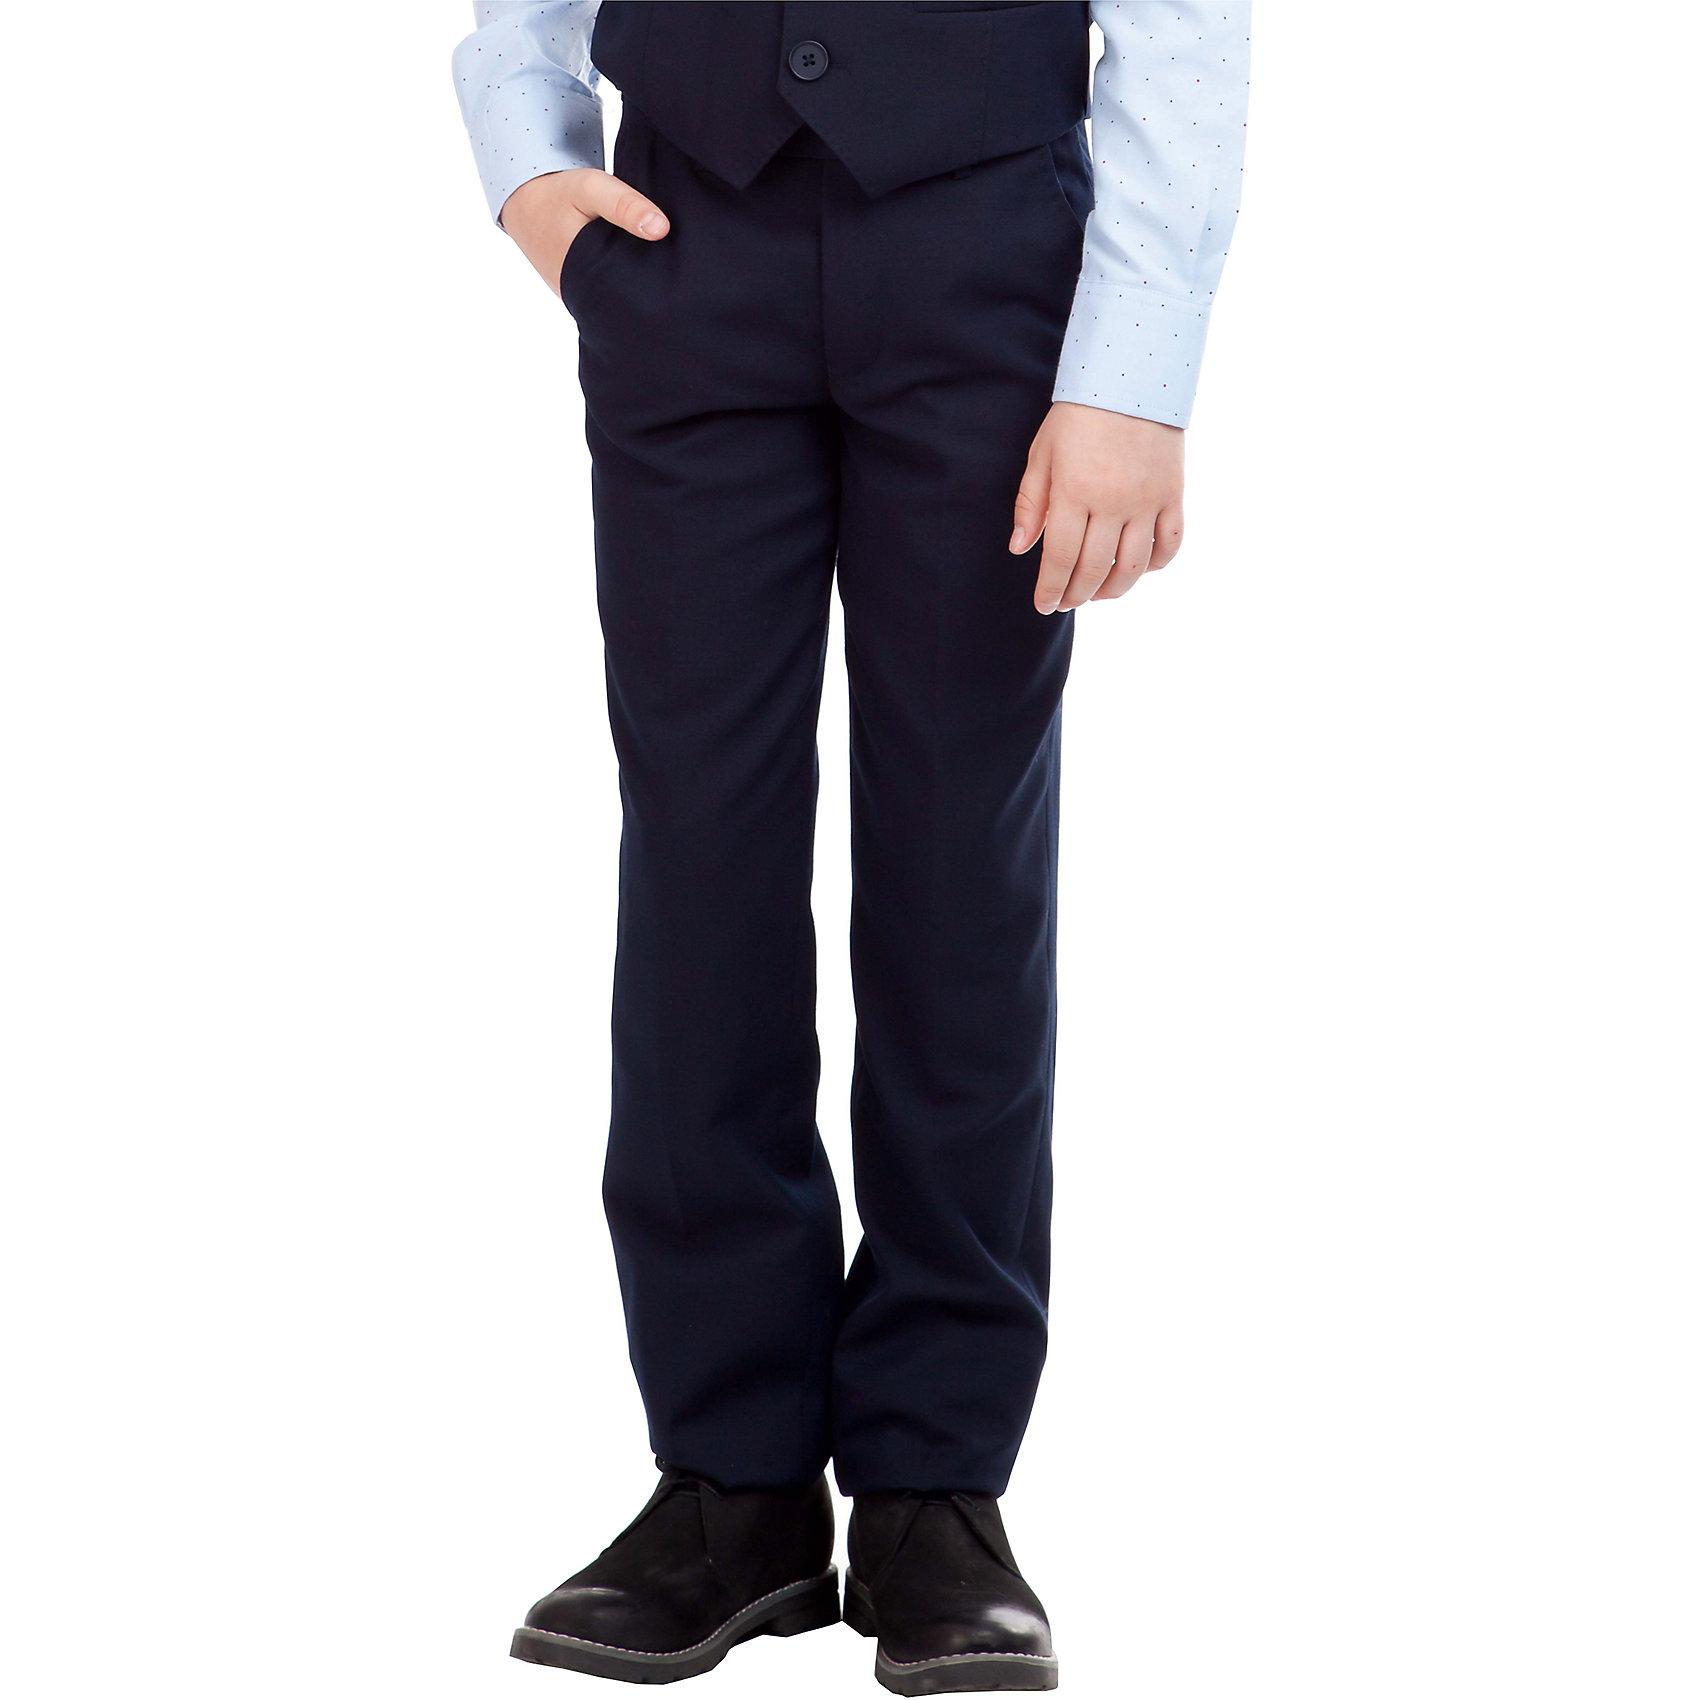 Брюки для мальчика GulliverБрюки для мальчика от известного бренда Gulliver<br>Классические школьные брюки - основа повседневного гардероба ученика. В сочетании с любым верхом, они смотрятся строго, настраивая на деловую волну. Хороший состав ткани с содержанием шерсти обеспечивает брюкам достойный вид, долговечность и неприхотливость в уходе. Синие школьные брюки для мальчика имеют удобную регулировку пояса, создающую комфортную посадку изделия на всех типах фигуры.<br>Состав:<br>верх:   10% шерсть     25% вискоза  65% полиэстер;                                  подкл.:    50% вискоза 50% полиэстер<br><br>Ширина мм: 215<br>Глубина мм: 88<br>Высота мм: 191<br>Вес г: 336<br>Цвет: синий<br>Возраст от месяцев: 96<br>Возраст до месяцев: 108<br>Пол: Мужской<br>Возраст: Детский<br>Размер: 134,122,140,152,146,128,158<br>SKU: 4767765